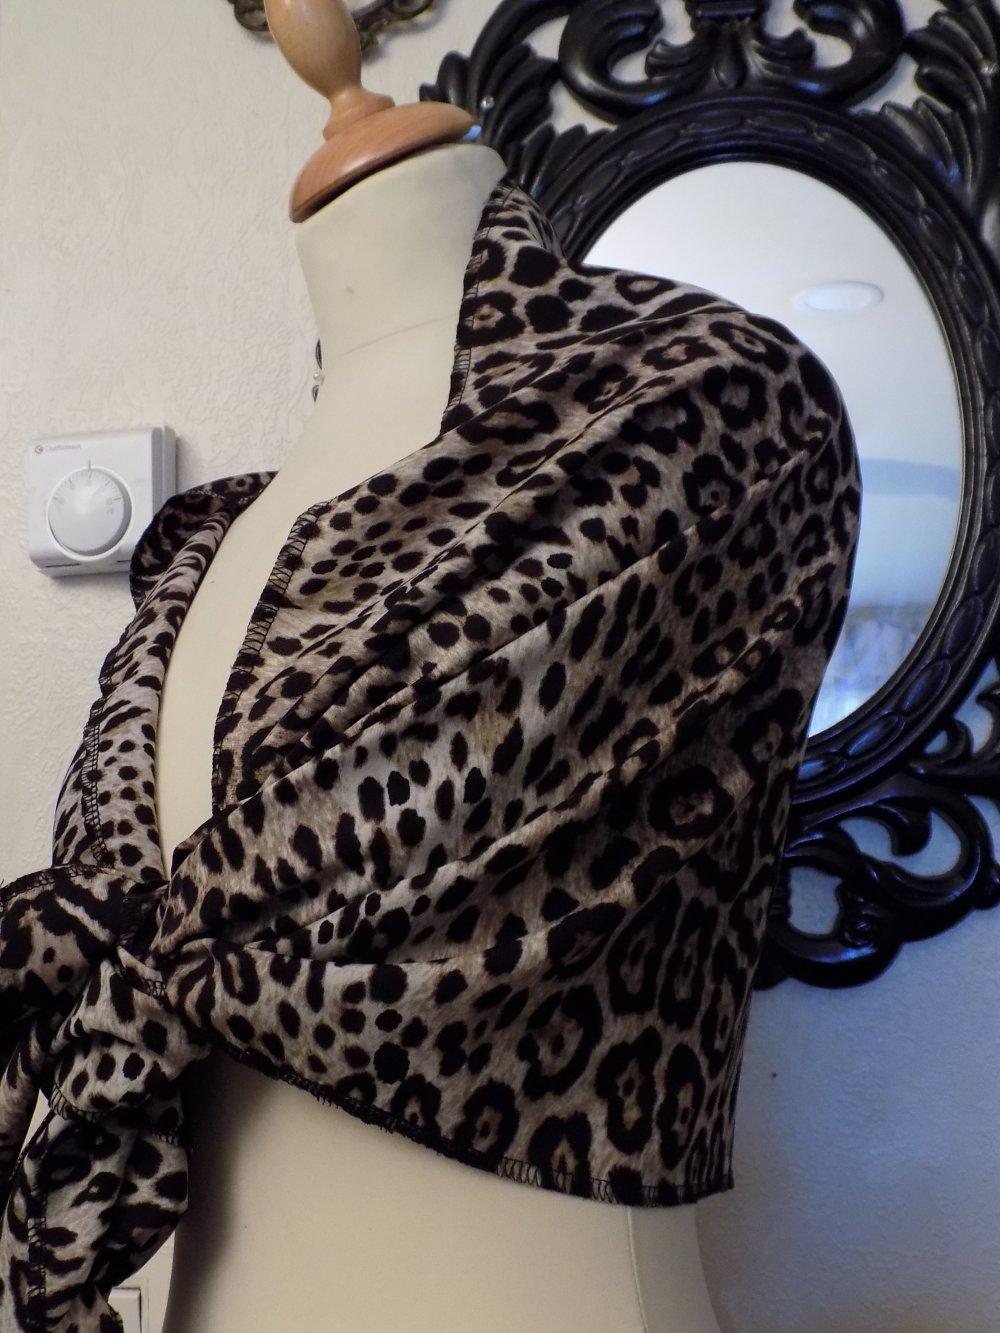 Étole de mariage,en tissu imprimé,motifs panthère,de couleur beige et noir,écharpe femme,écharpe fille